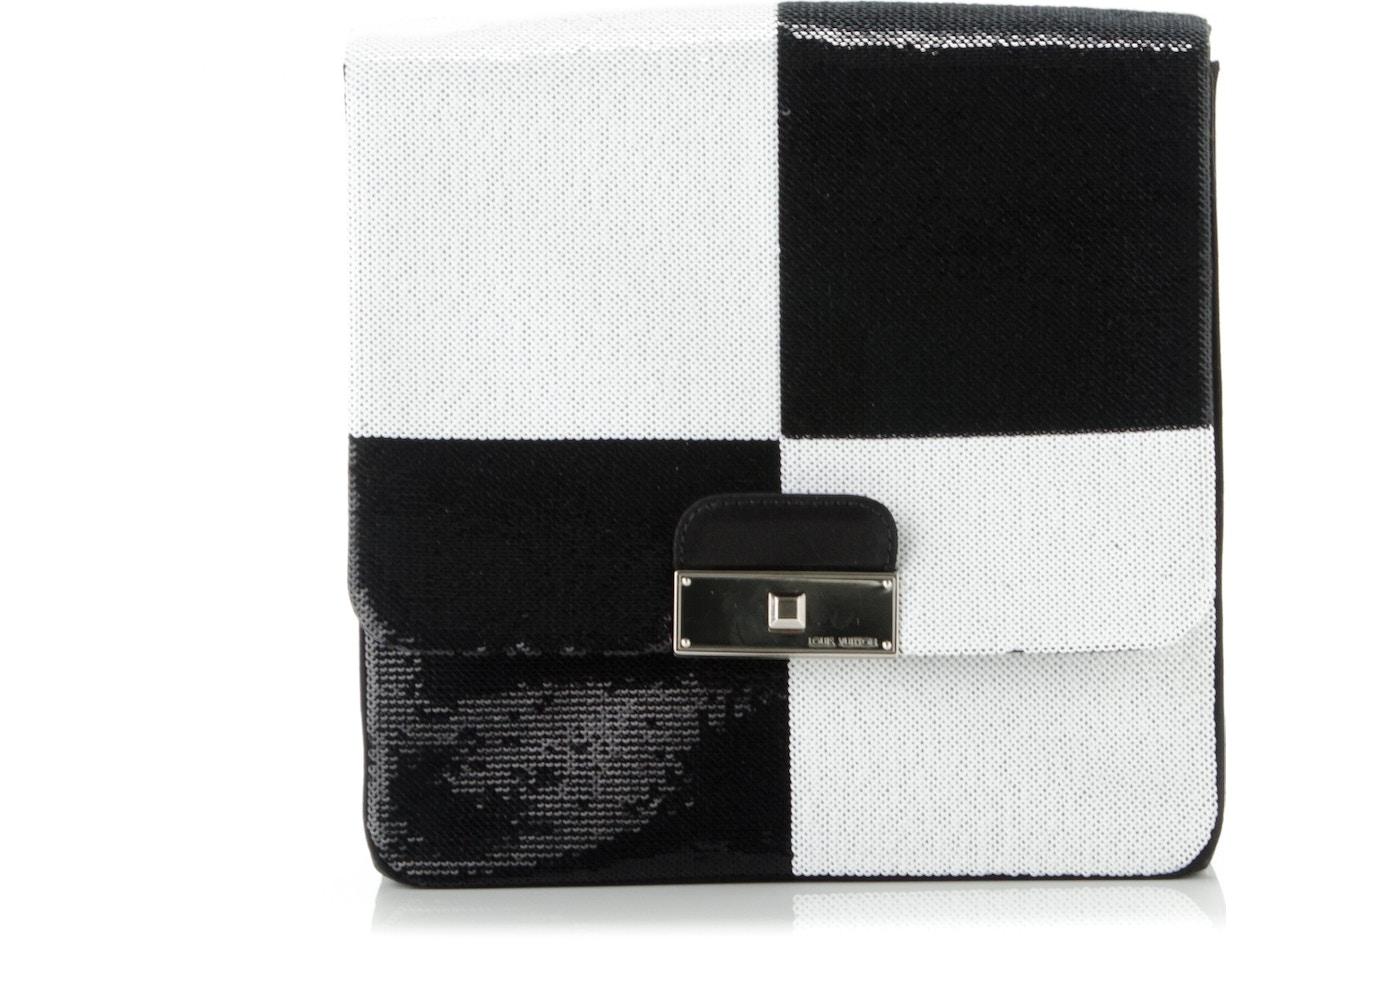 90ffdcd6518c Louis Vuitton Clutch Envelope Damier Optic Sequins Black White. Damier  Optic Sequins Black